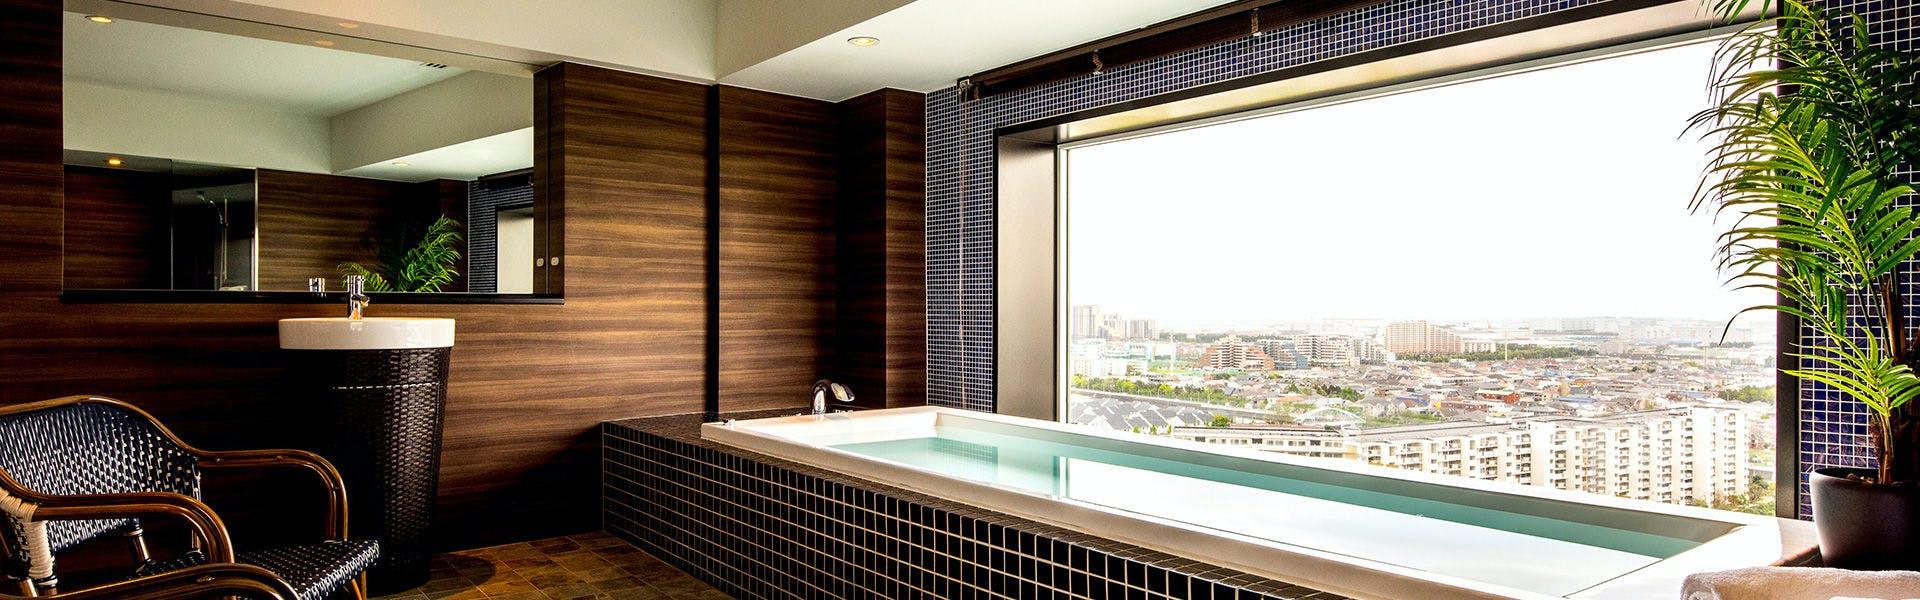 バストイレ別のお部屋で、浦安市のおすすめホテル・旅館 宿泊予約は